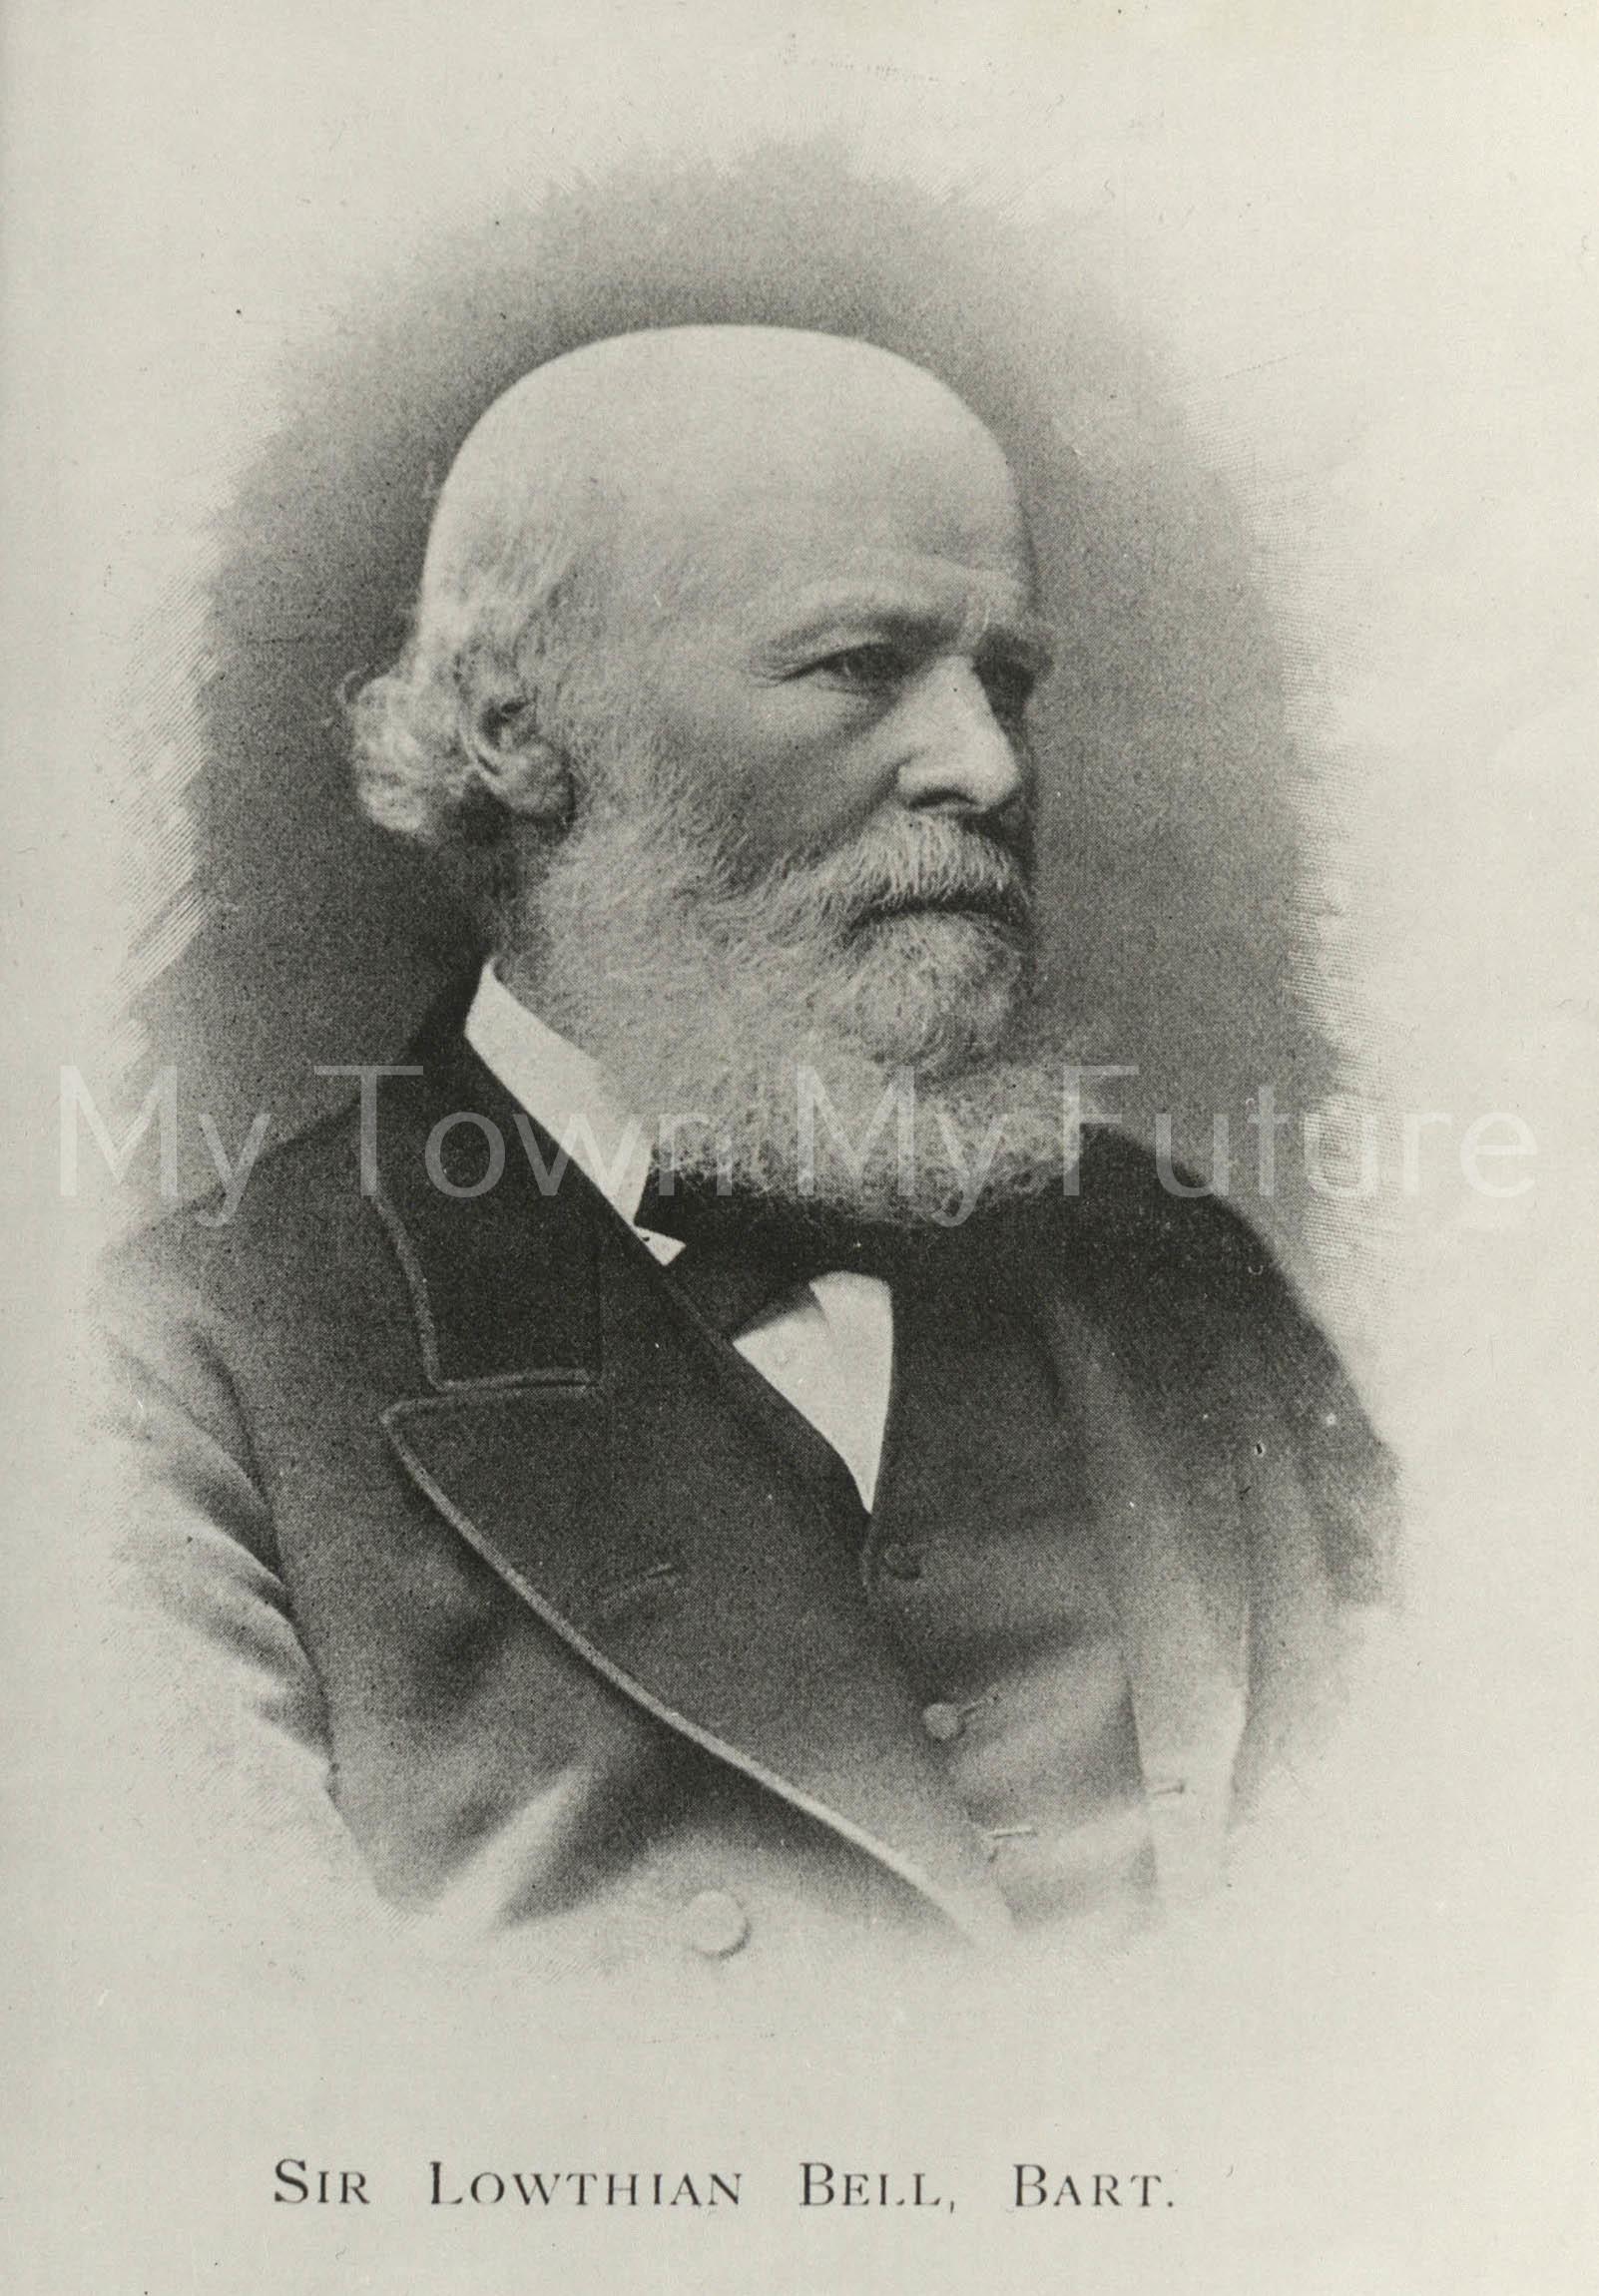 Sir Lowthian Bell